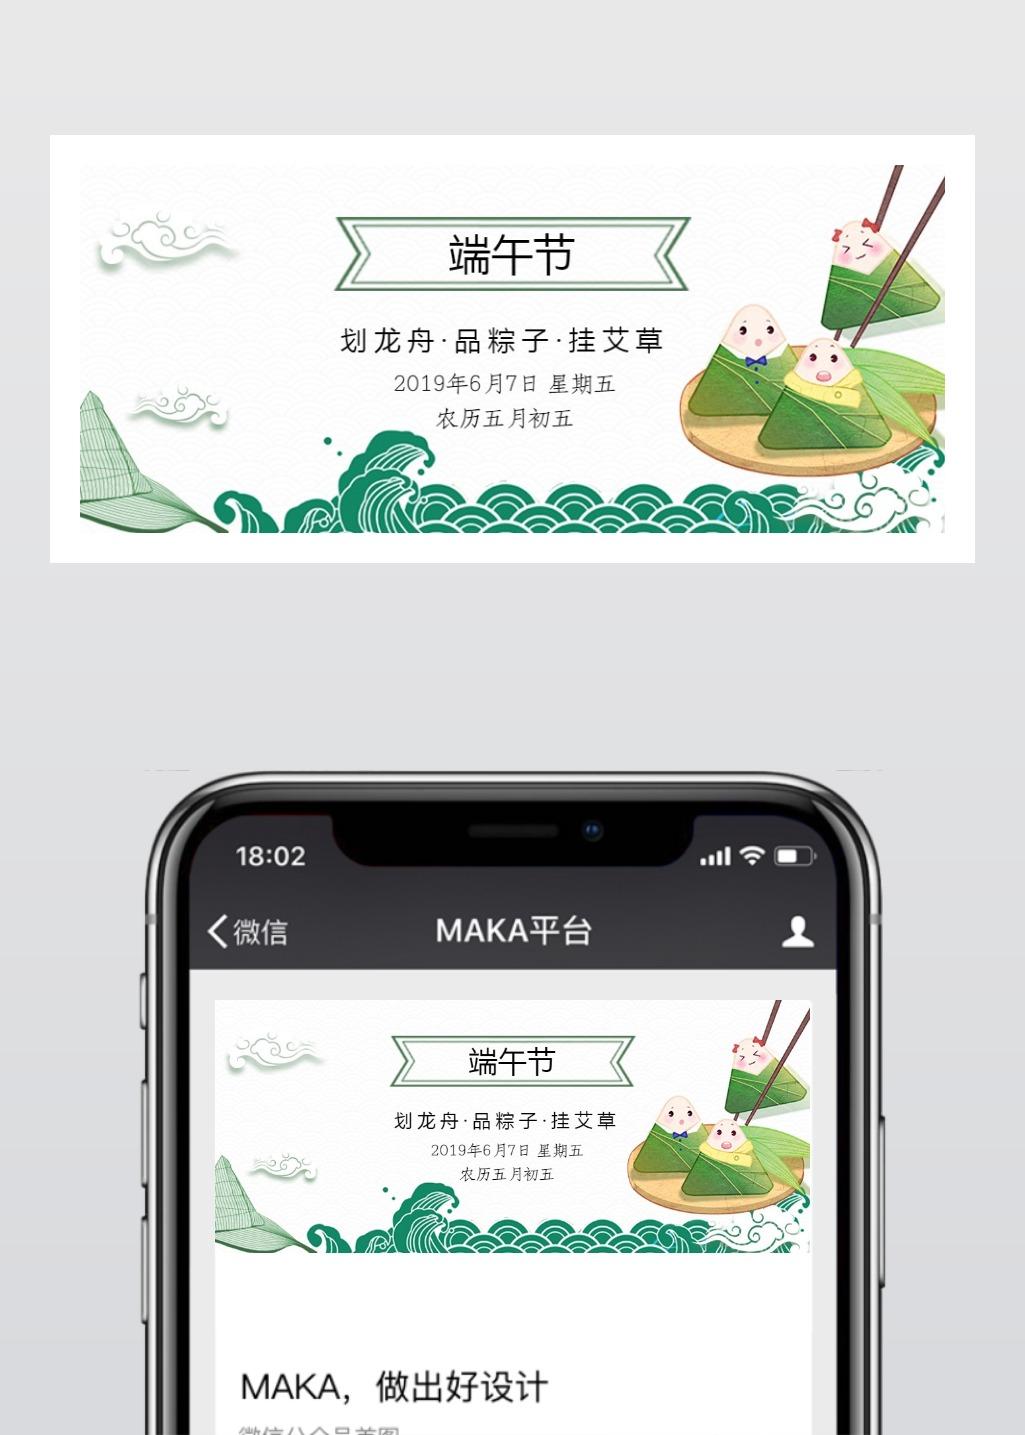 传统节日端午节中国风公众号封面图